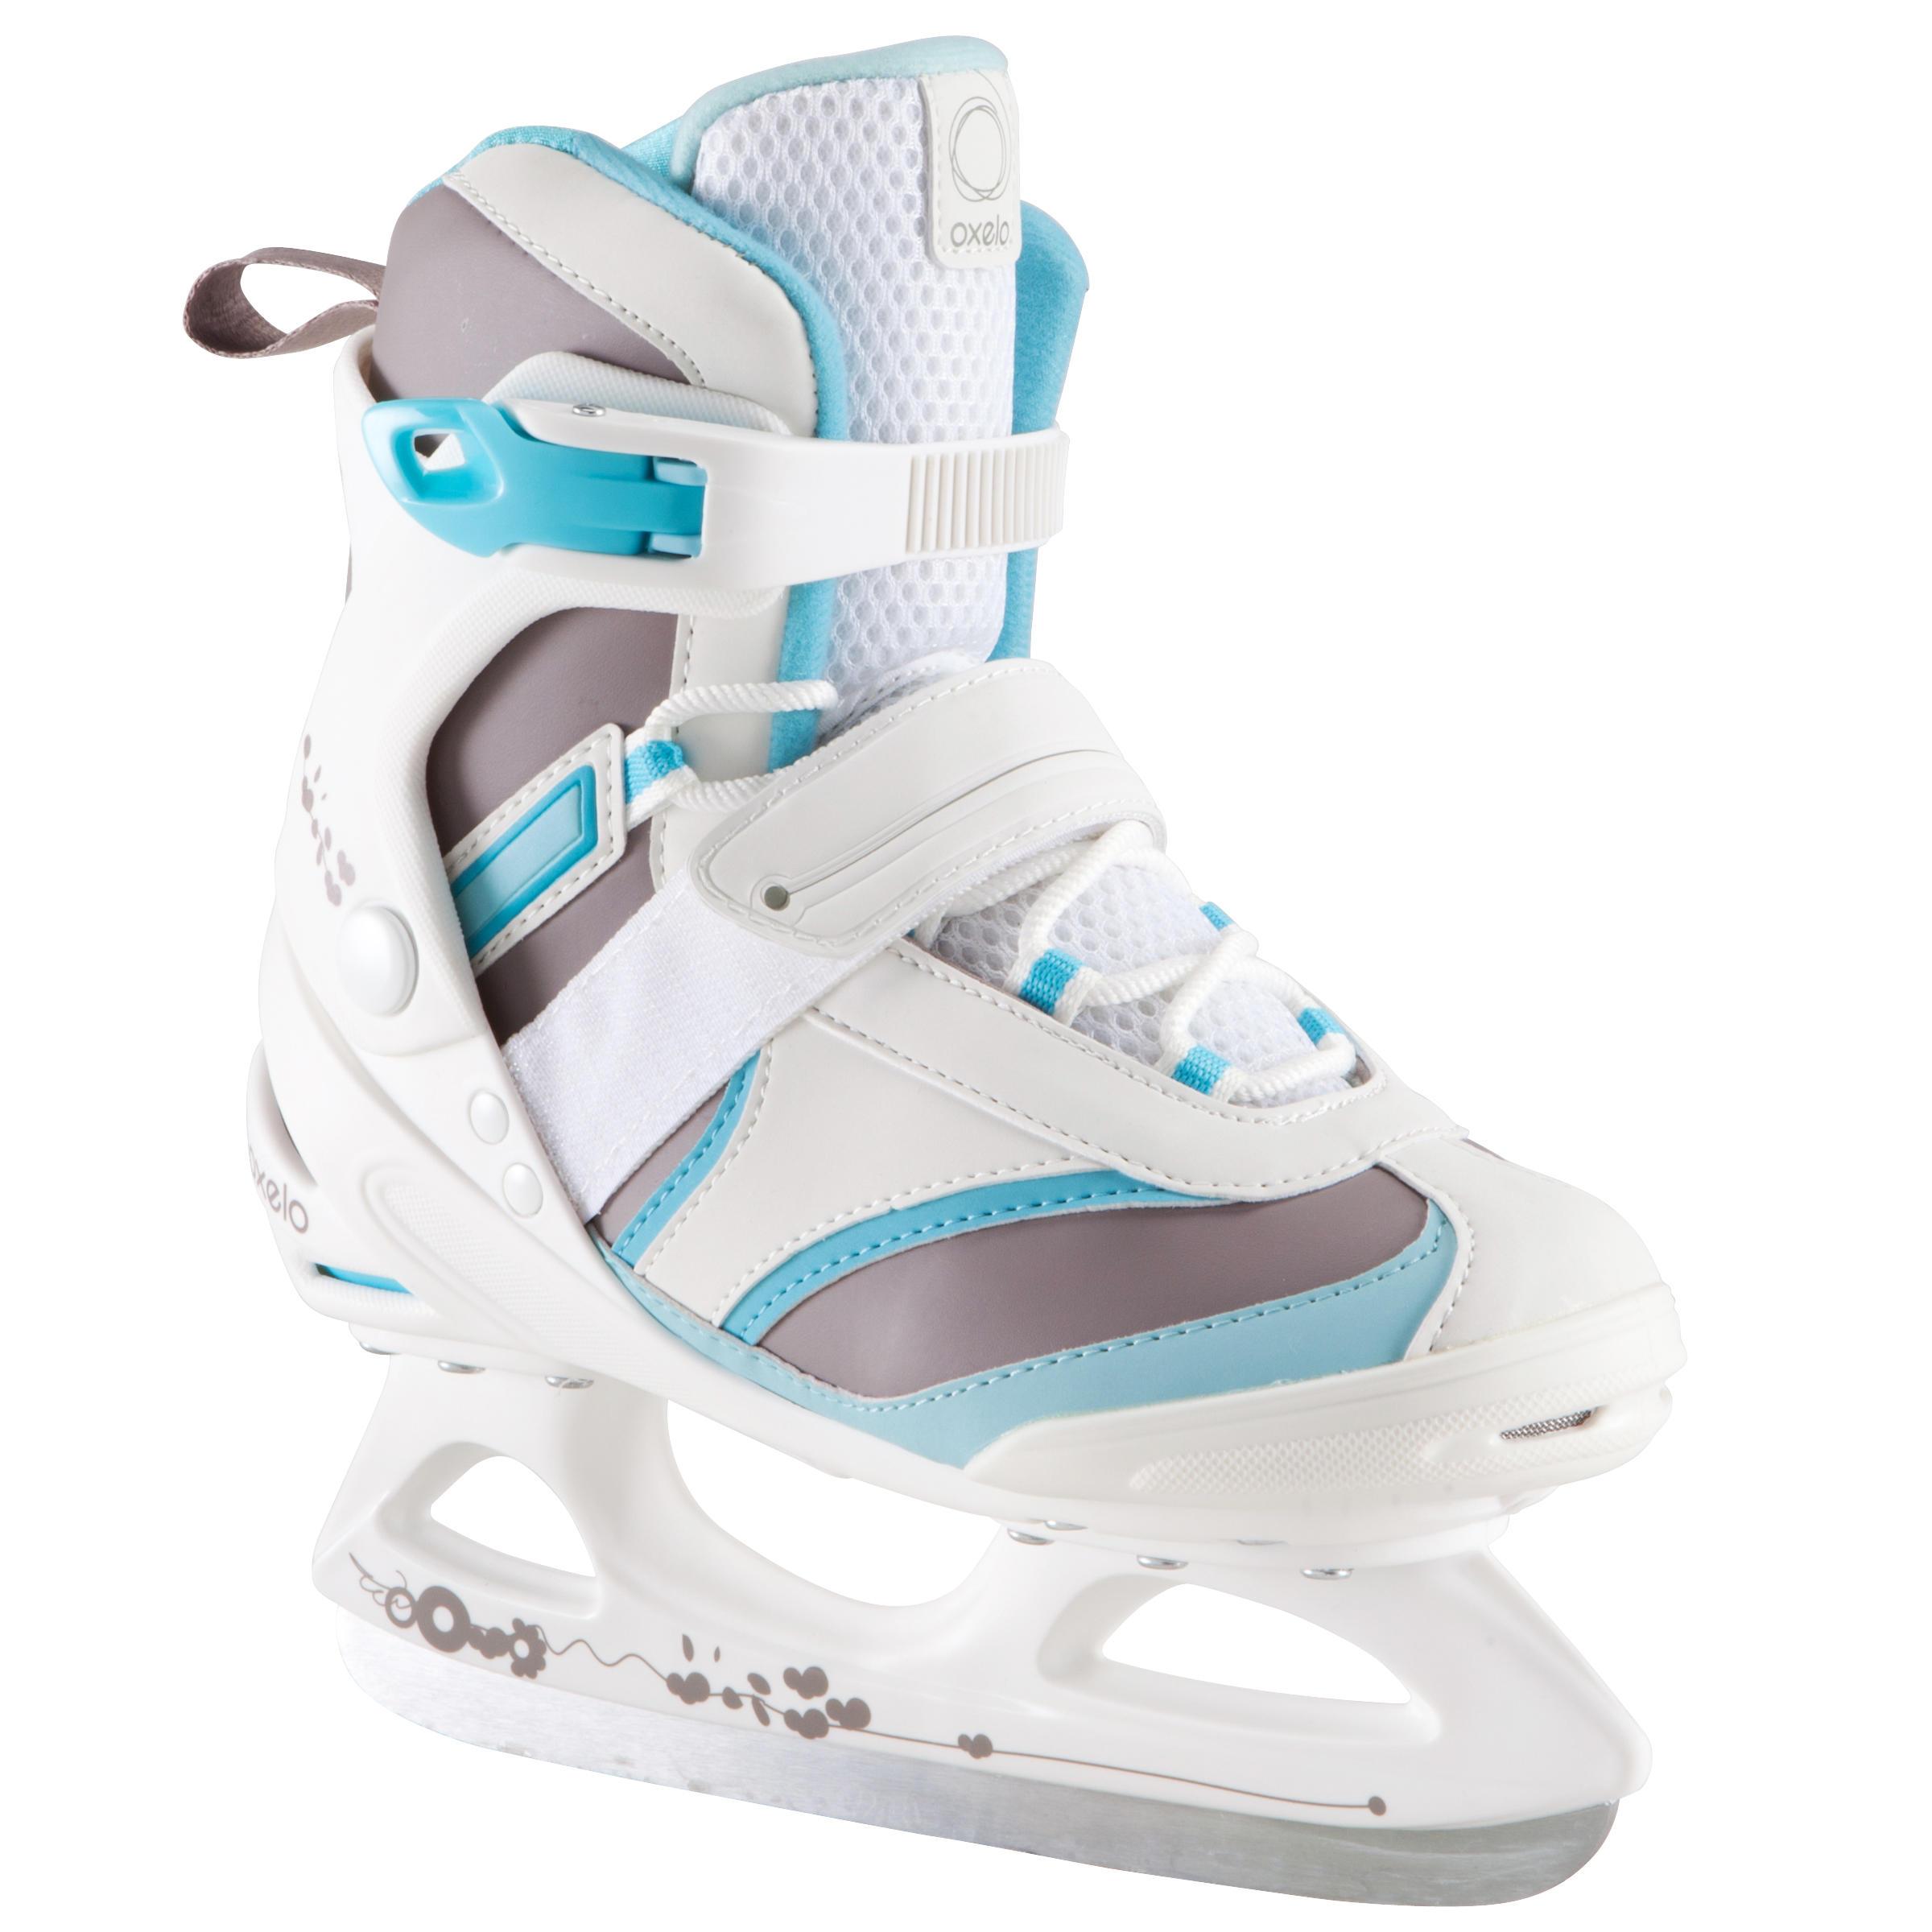 Copaya Schaatsen Fit 3 wit blauw